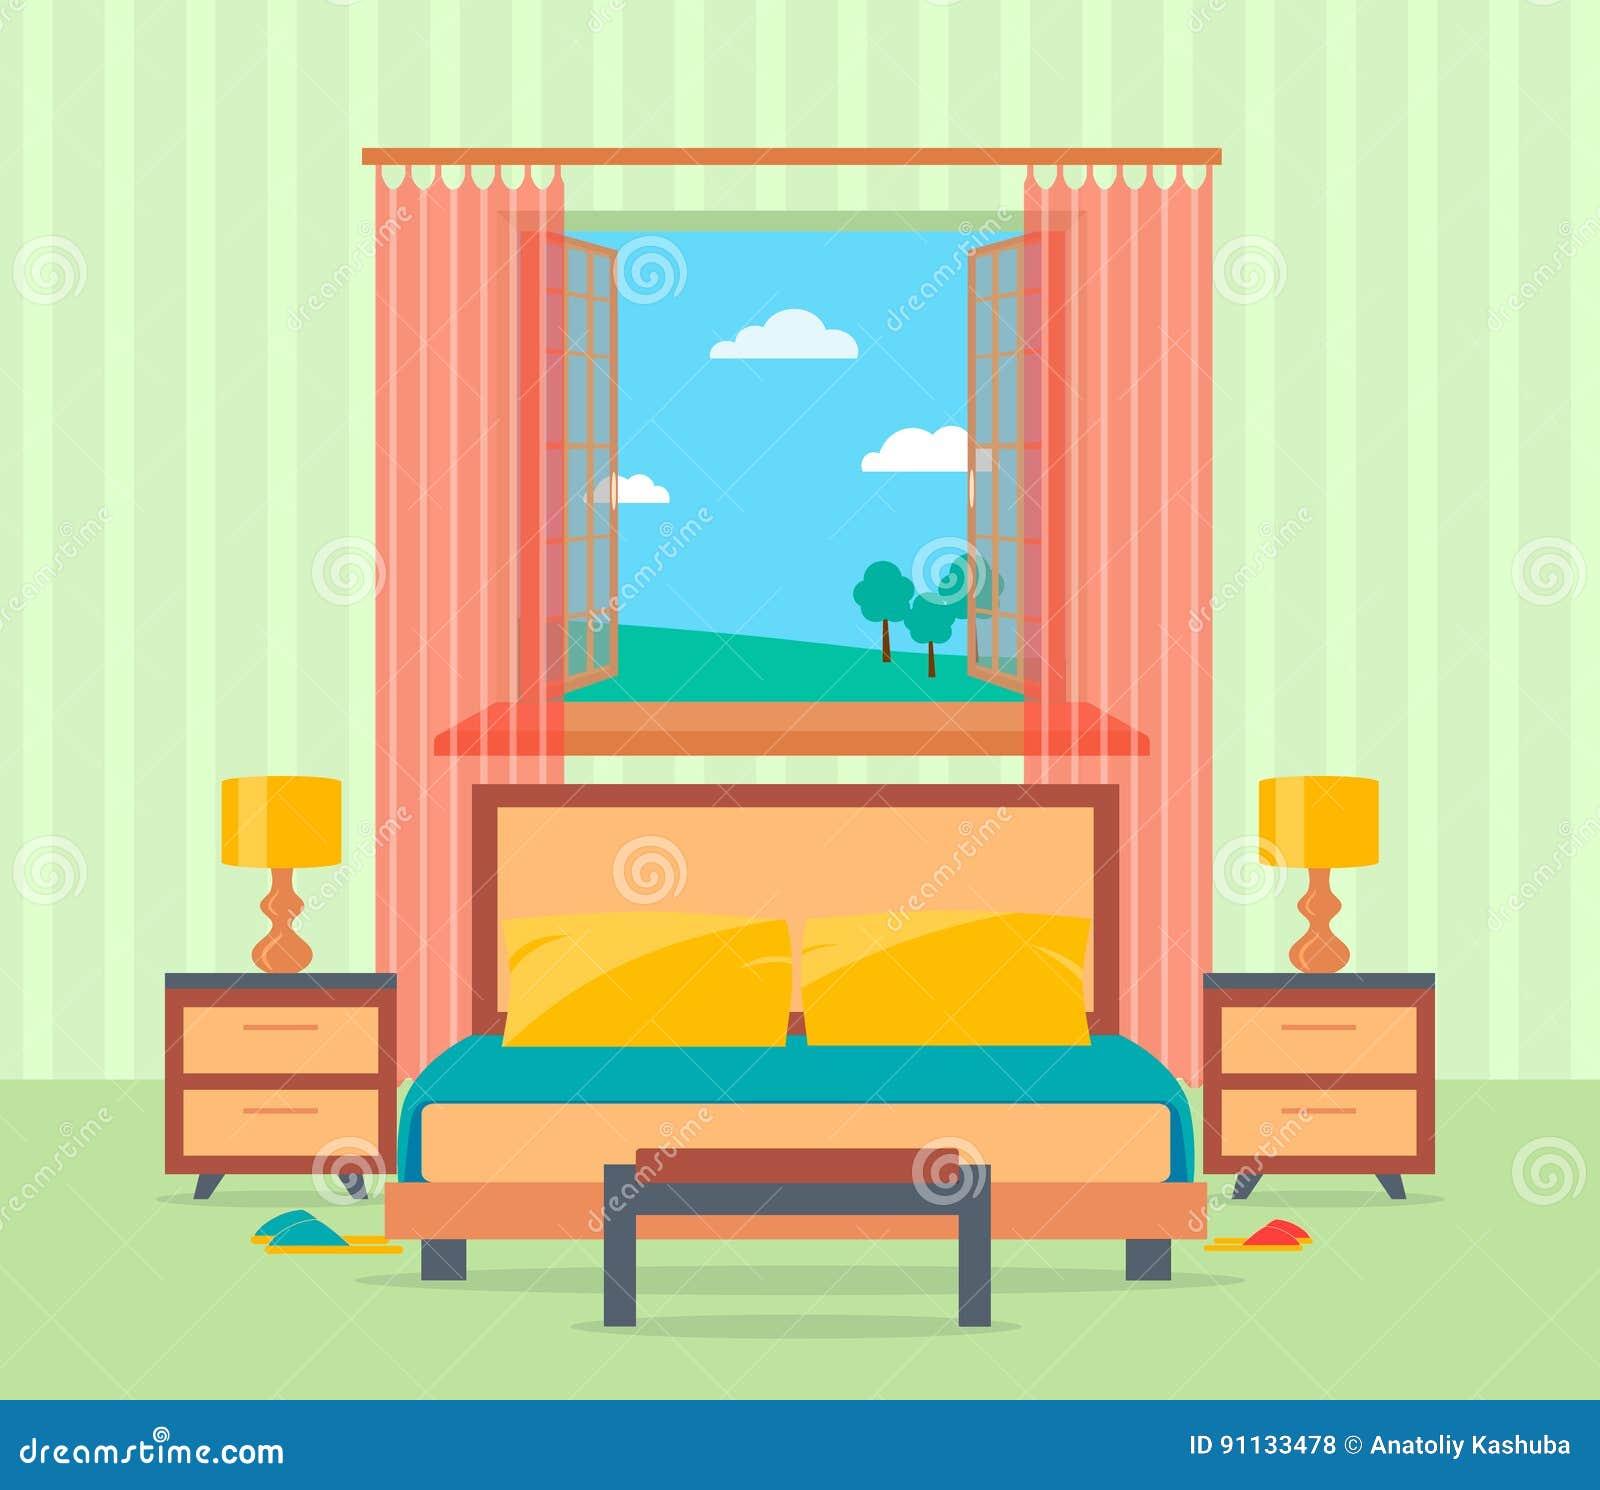 Interior design della camera da letto nello stile piano compreso il letto, la tavola, le lampade, i comodini e la finestra